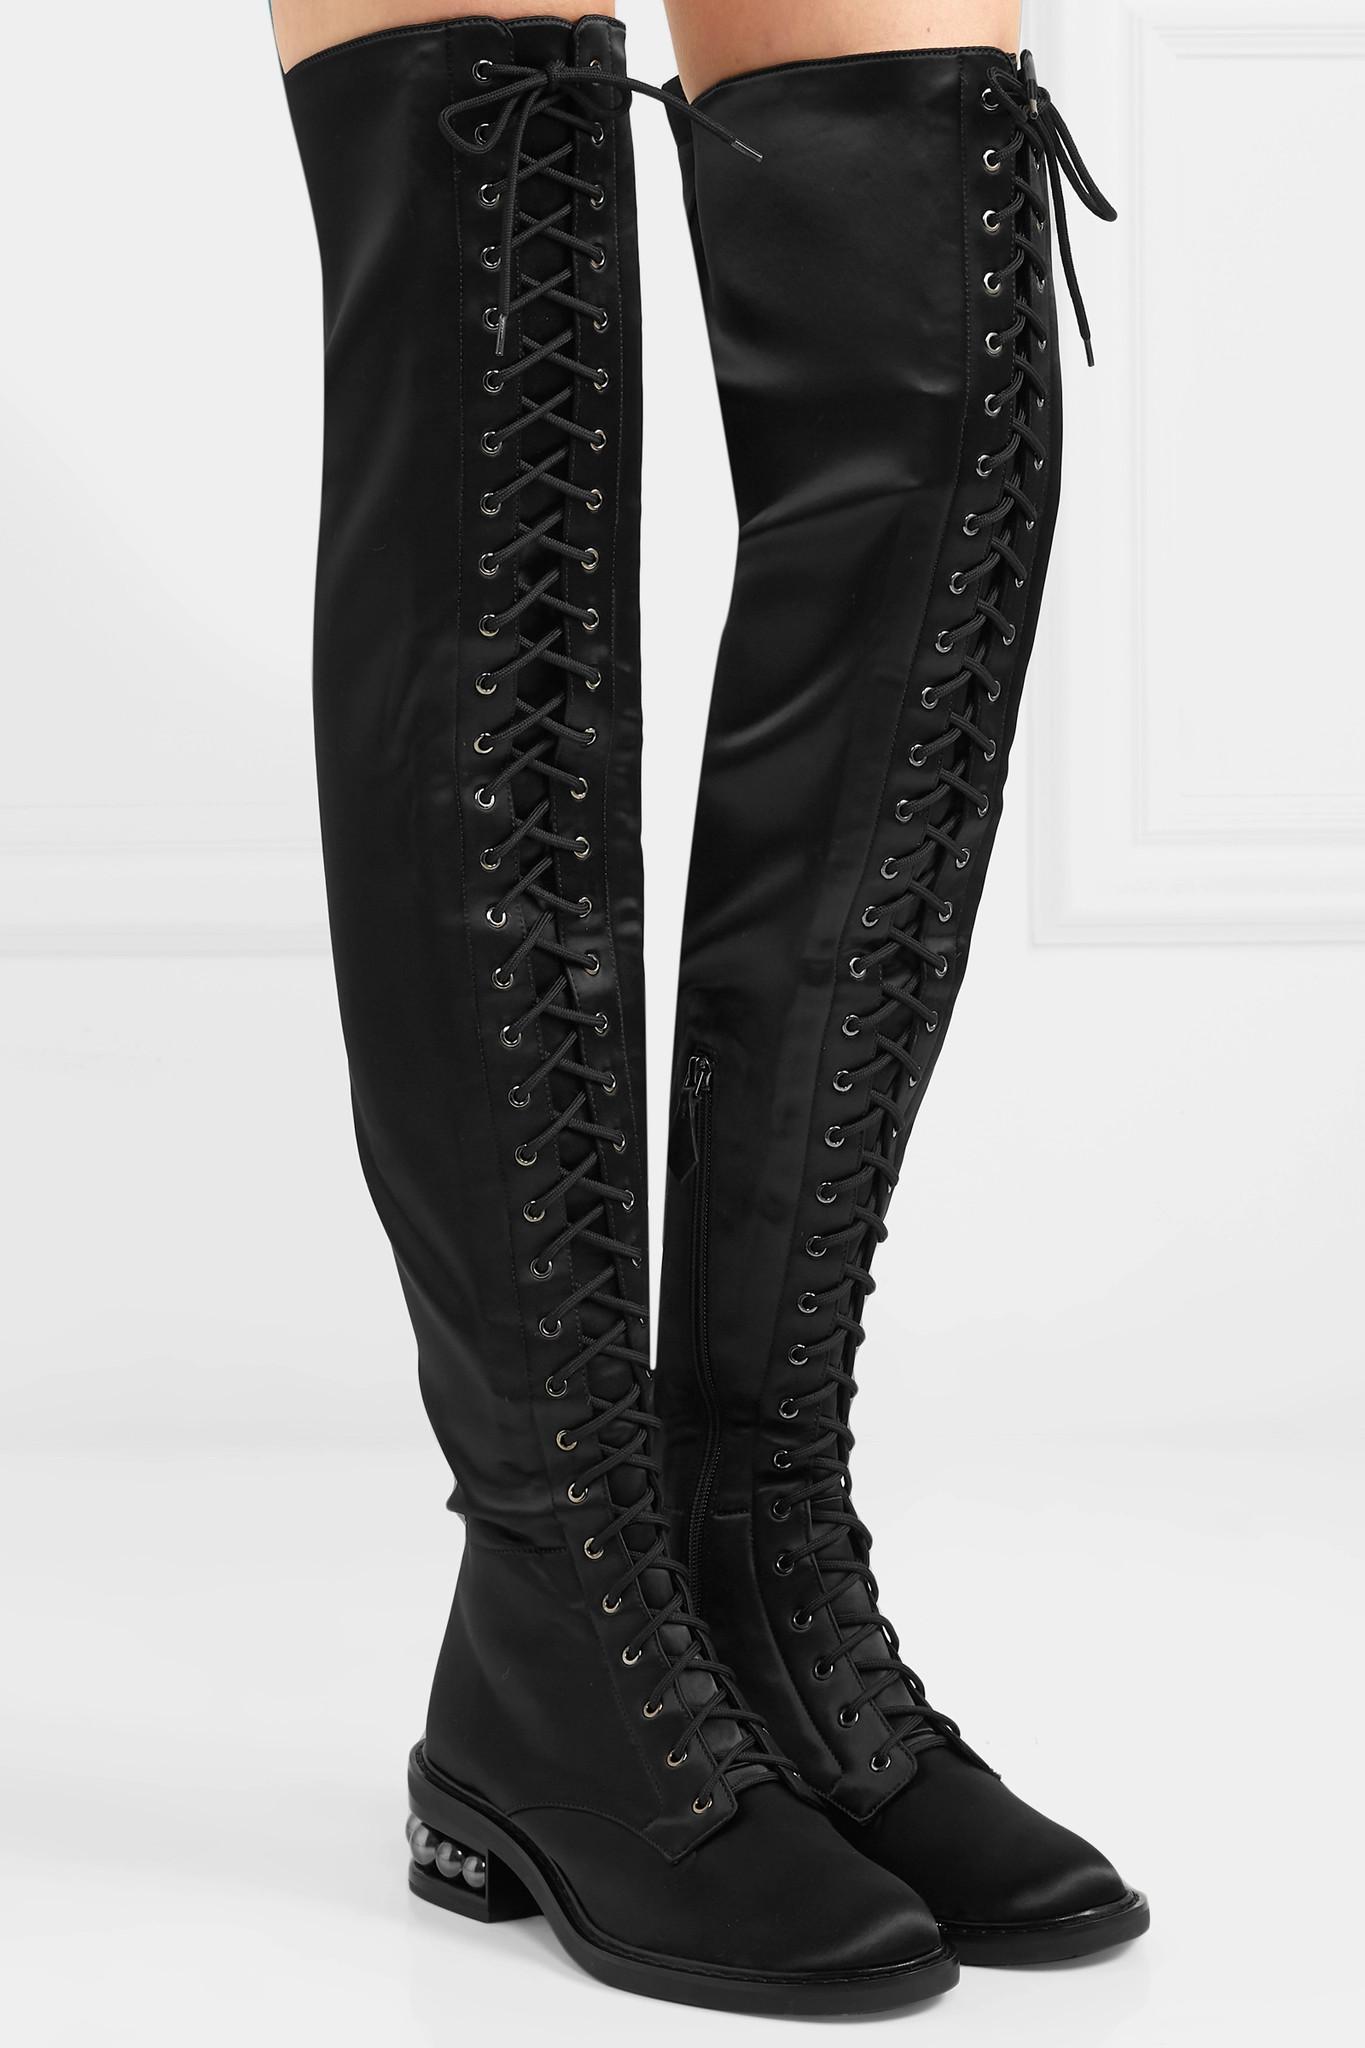 af6e6994e nicholas-kirkwood-black-Casati-Embellished-Stretch-satin-Over-the-knee-Boots .jpeg